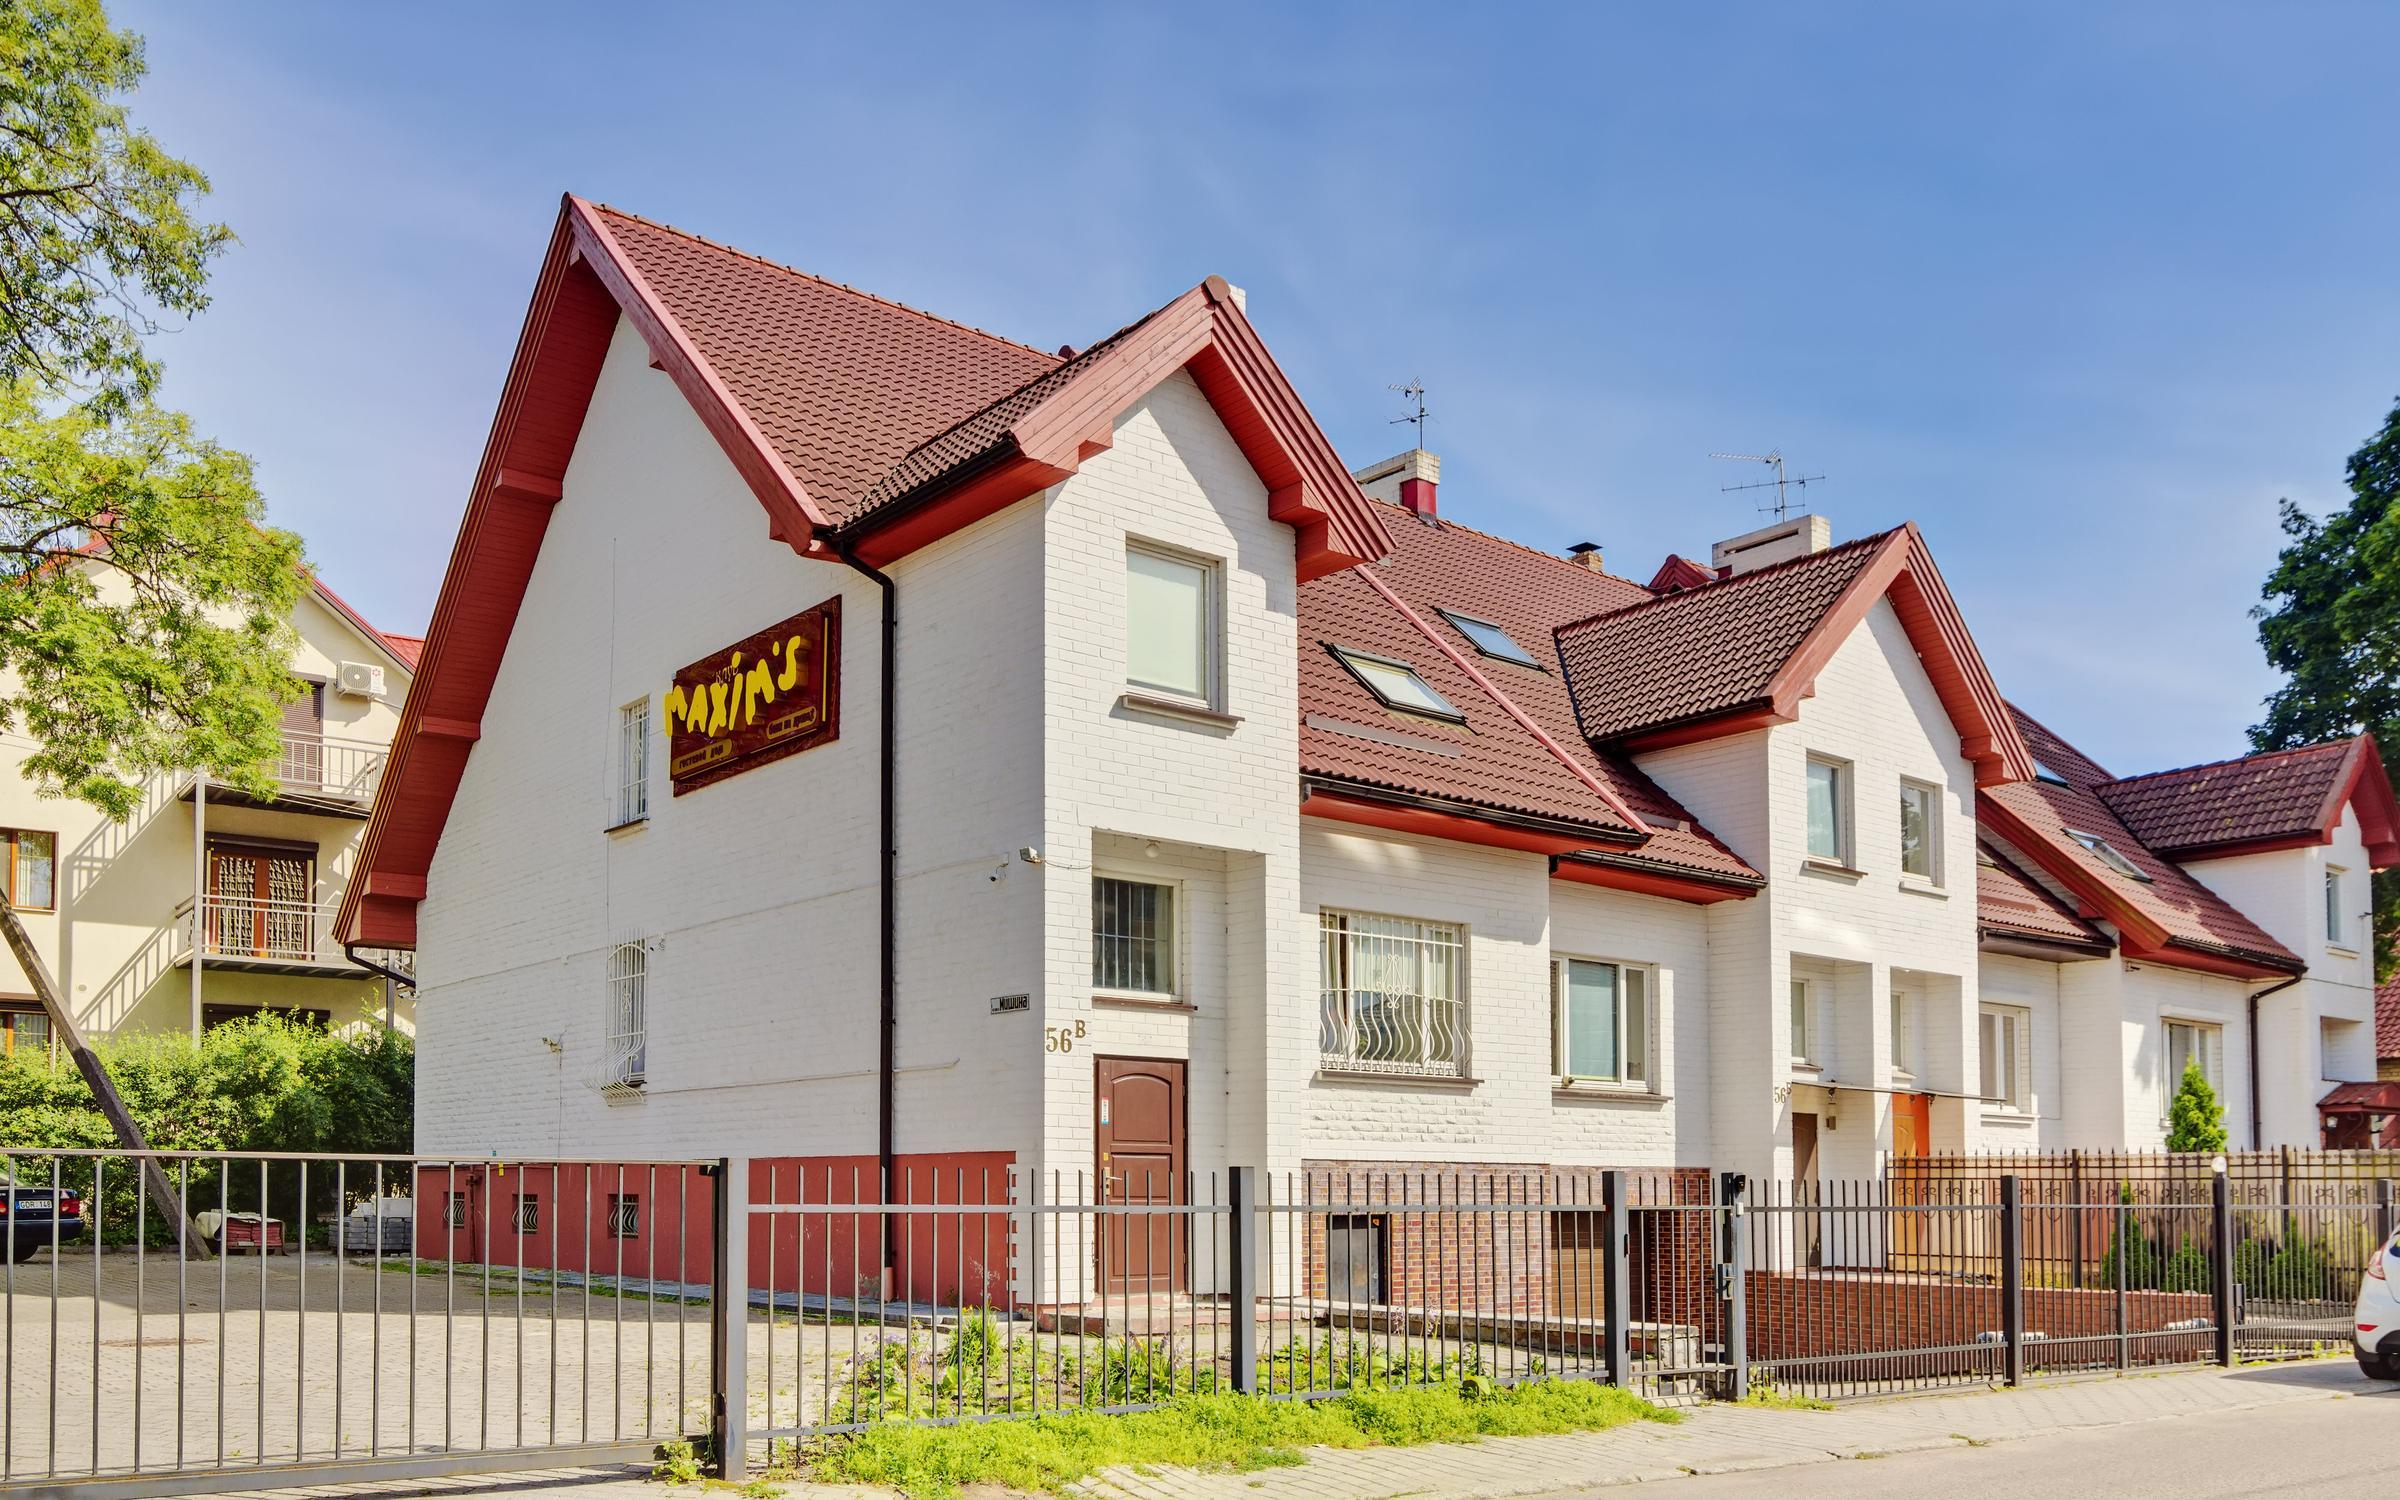 фотография Гостевого дома Maxim's на улице Сержанта Мишина 56В